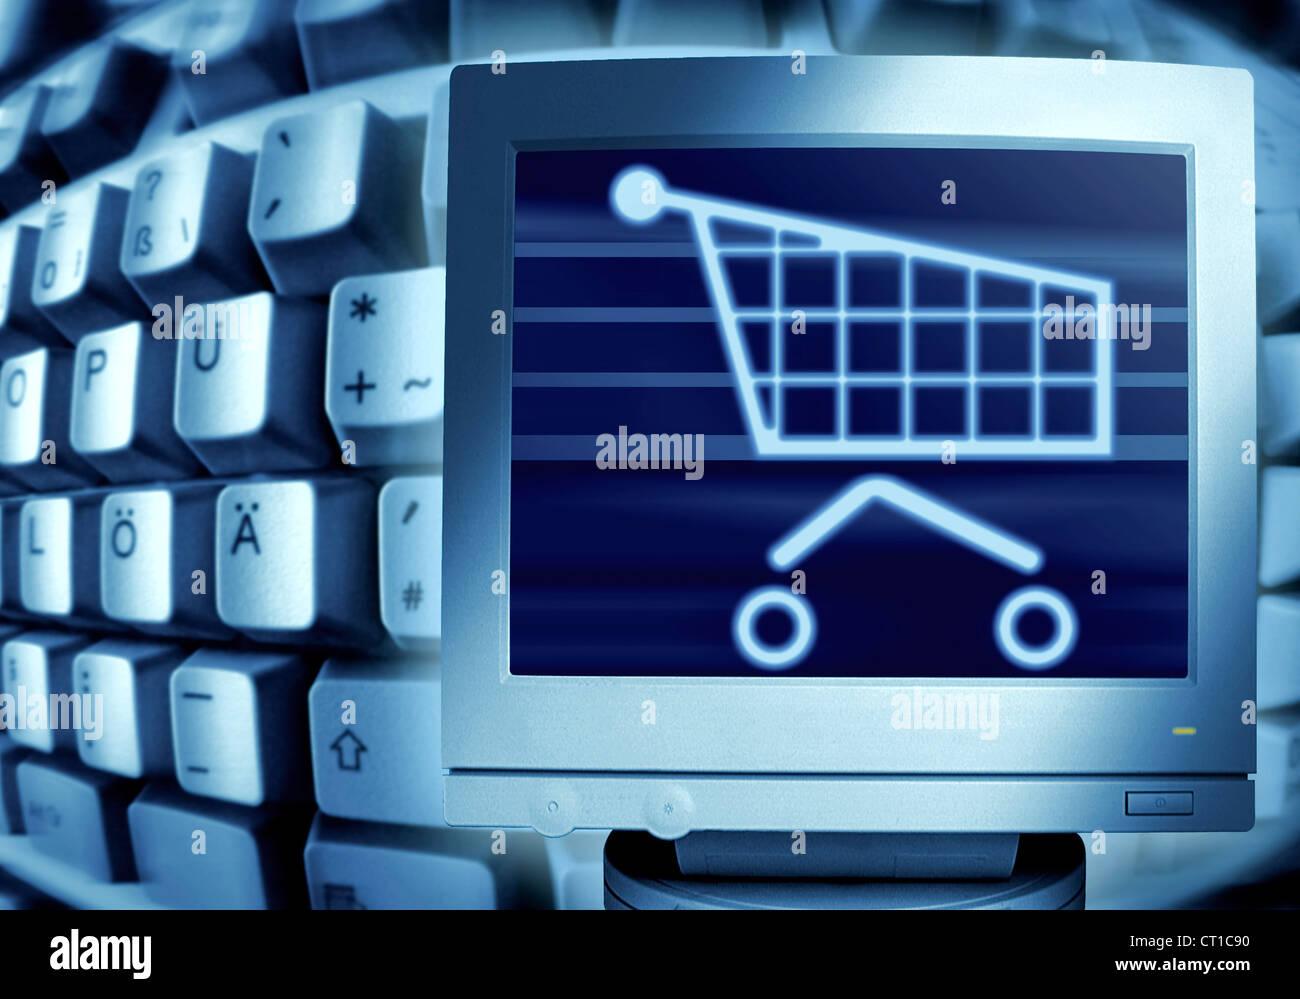 keyboard and shopping cart - Computertastatur und Monitor mit Einkaufswagensymbol - Stock Image